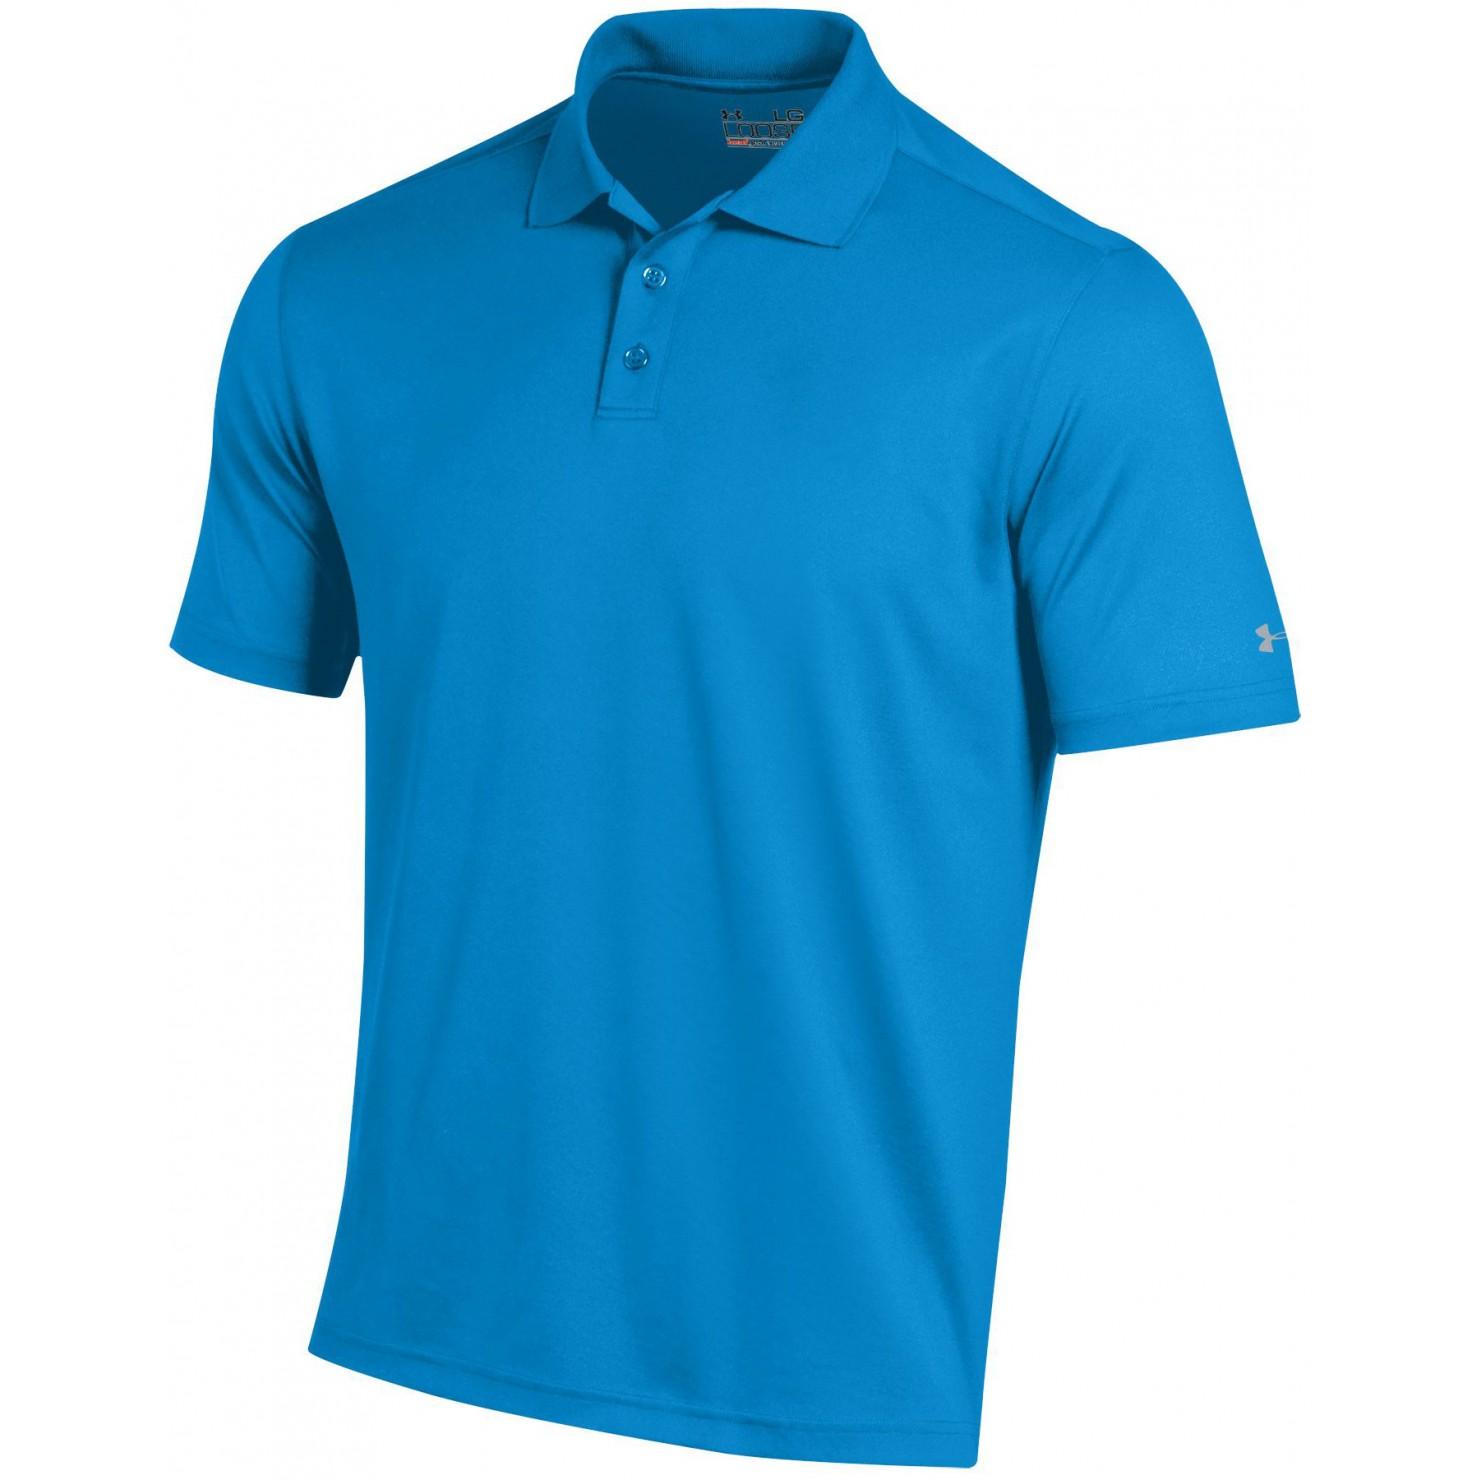 1480x1480 Shirt Clipart Golf Shirt